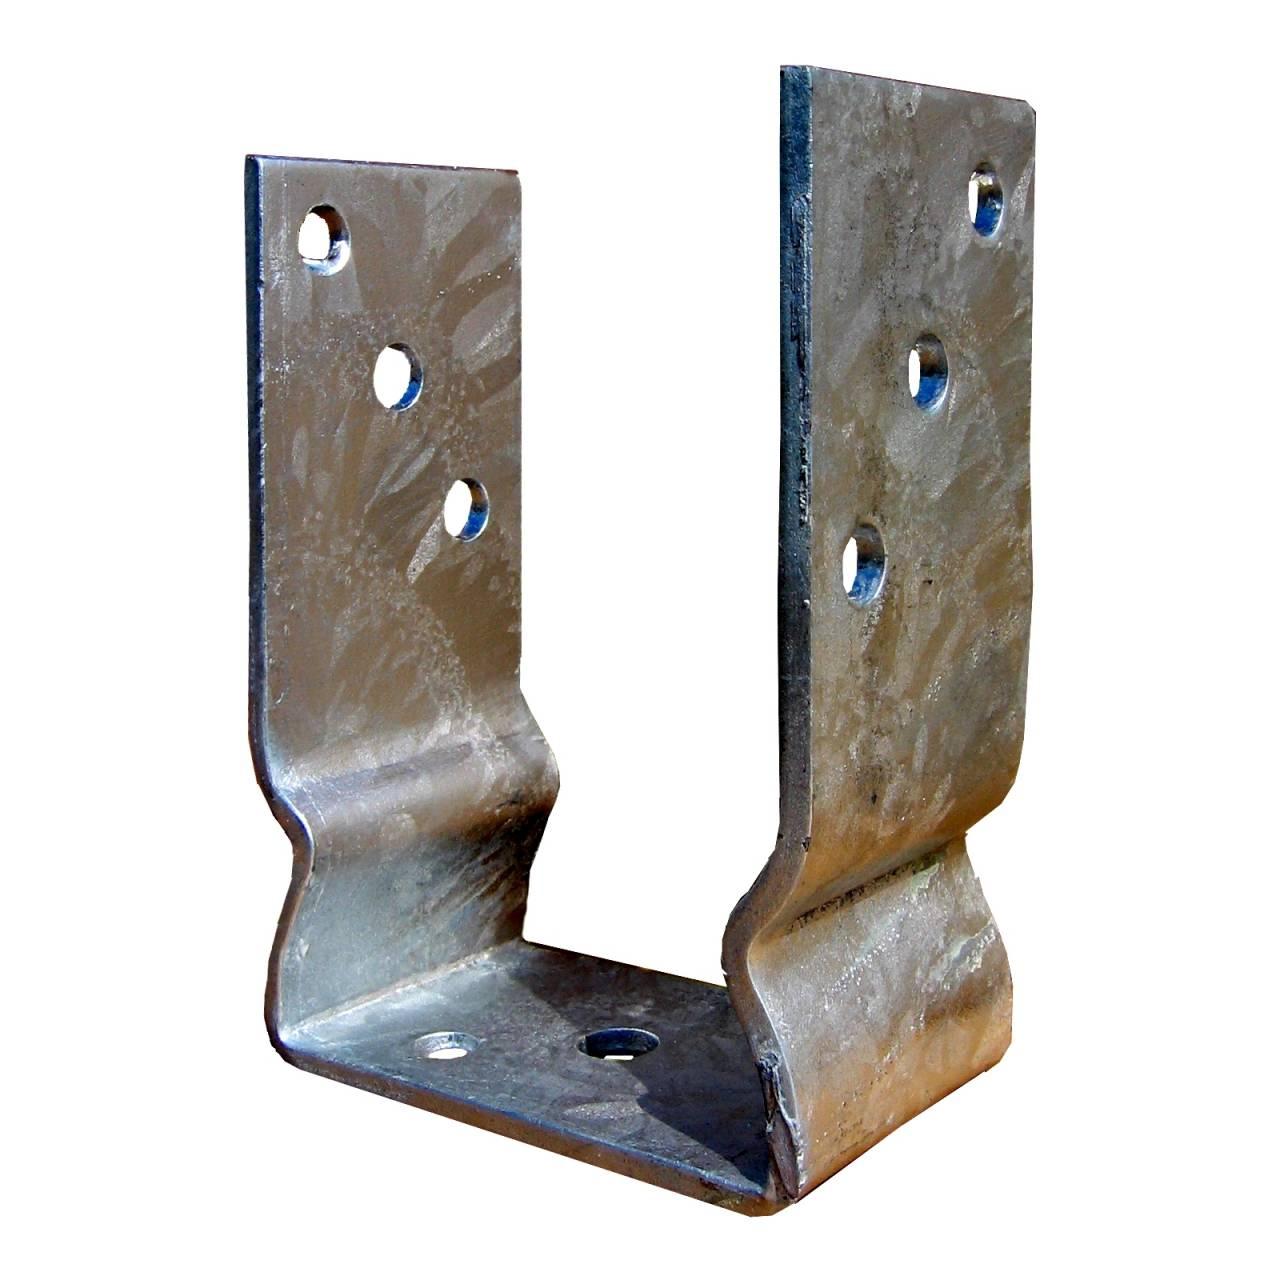 Stützenfuss vz S-U-Form 71 mm, aufschraubbar